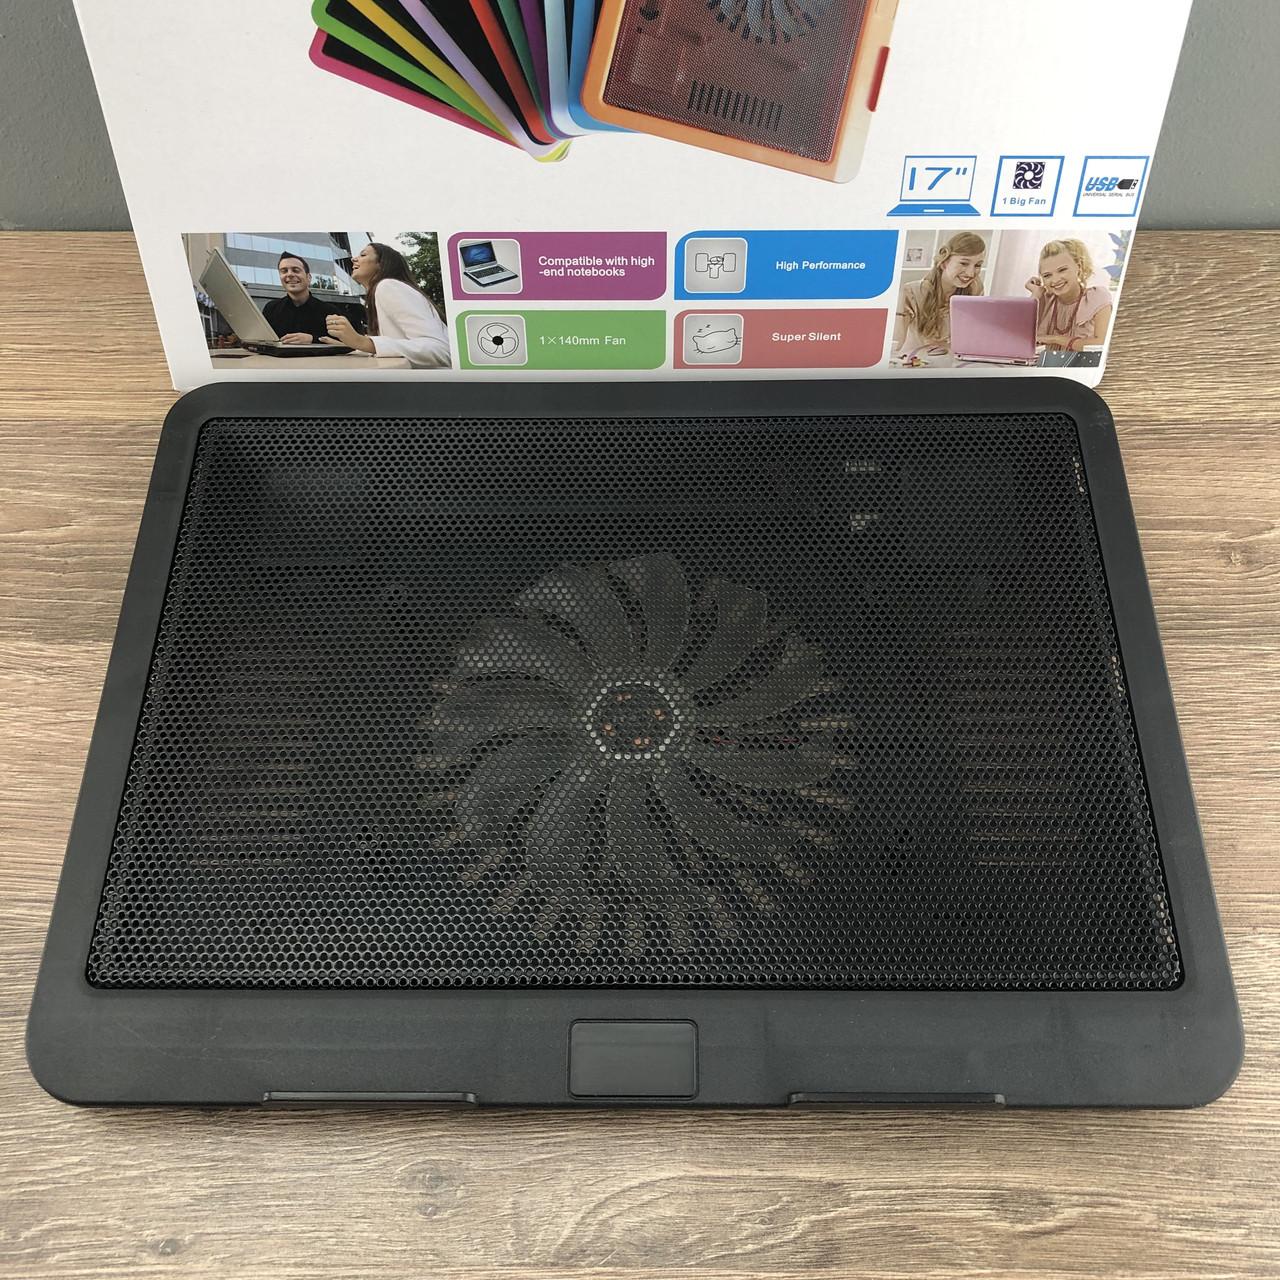 Охолоджуюча підставка для ноутбука N191 з підсвічуванням охолоджувач вентилятором USB